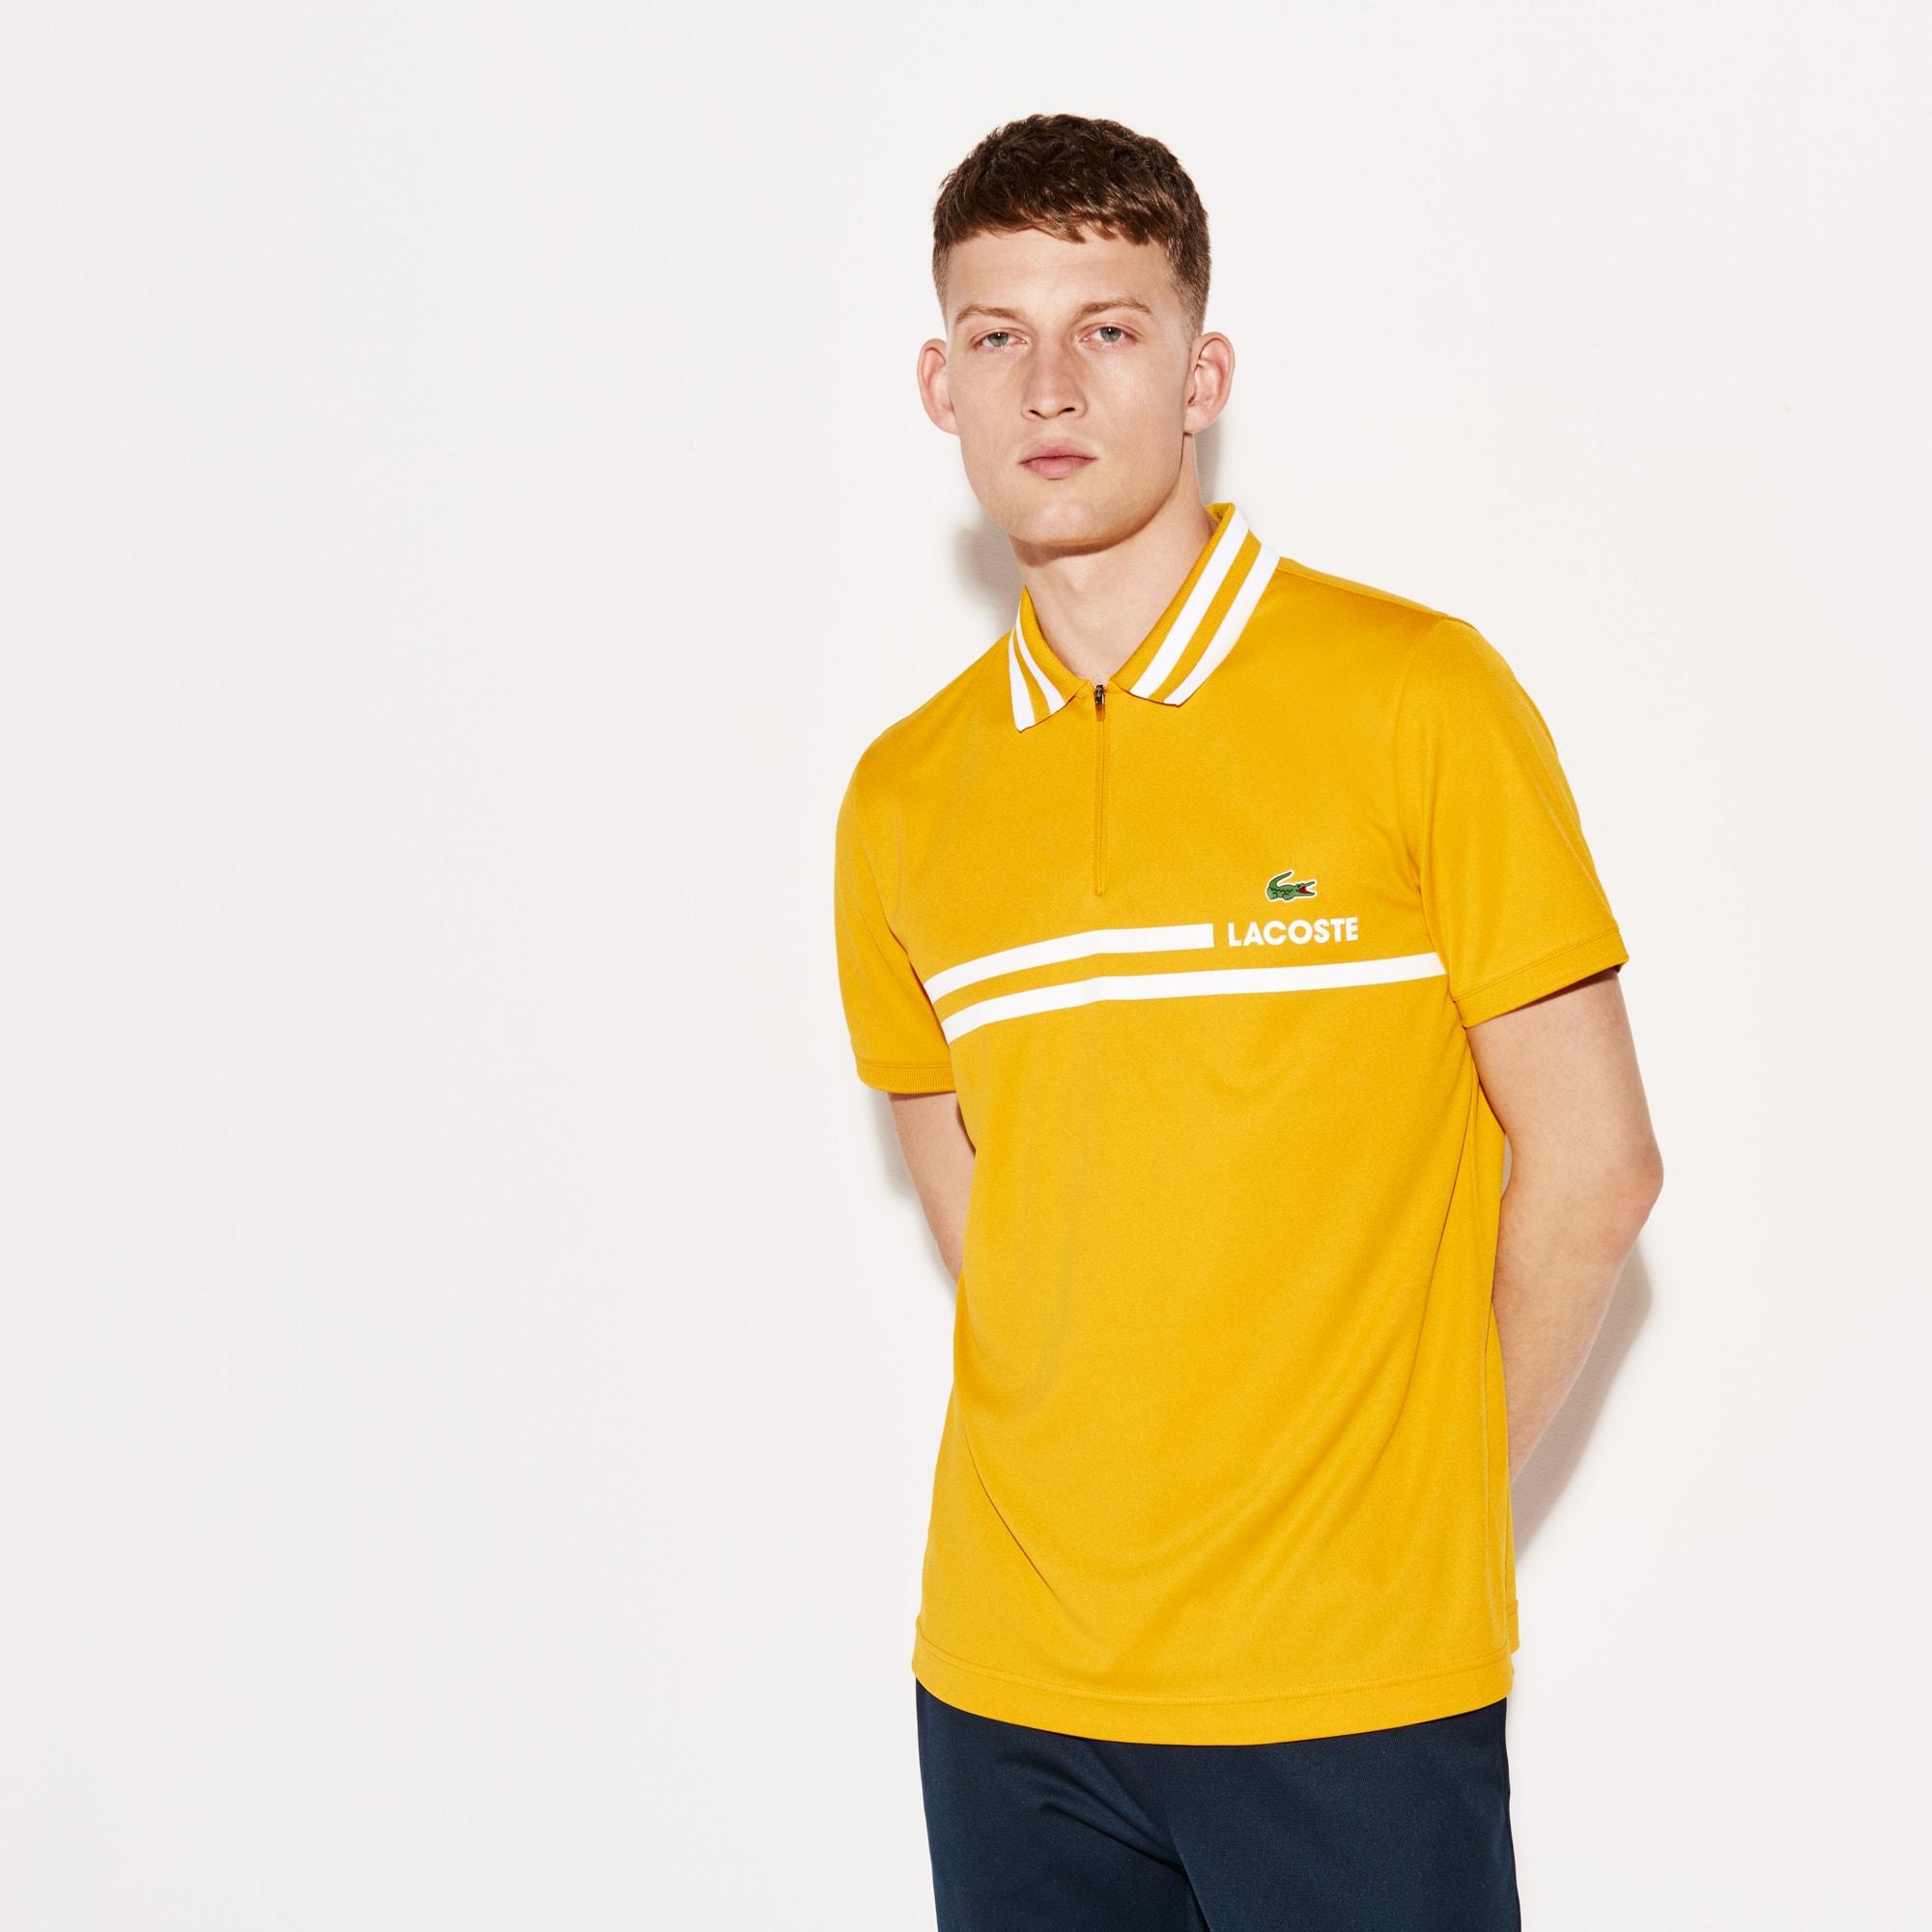 قميص بولو رجالي للتنس من لاكوست سبورت بأشرطة متباينة الألوان وبخامة  بيكيه